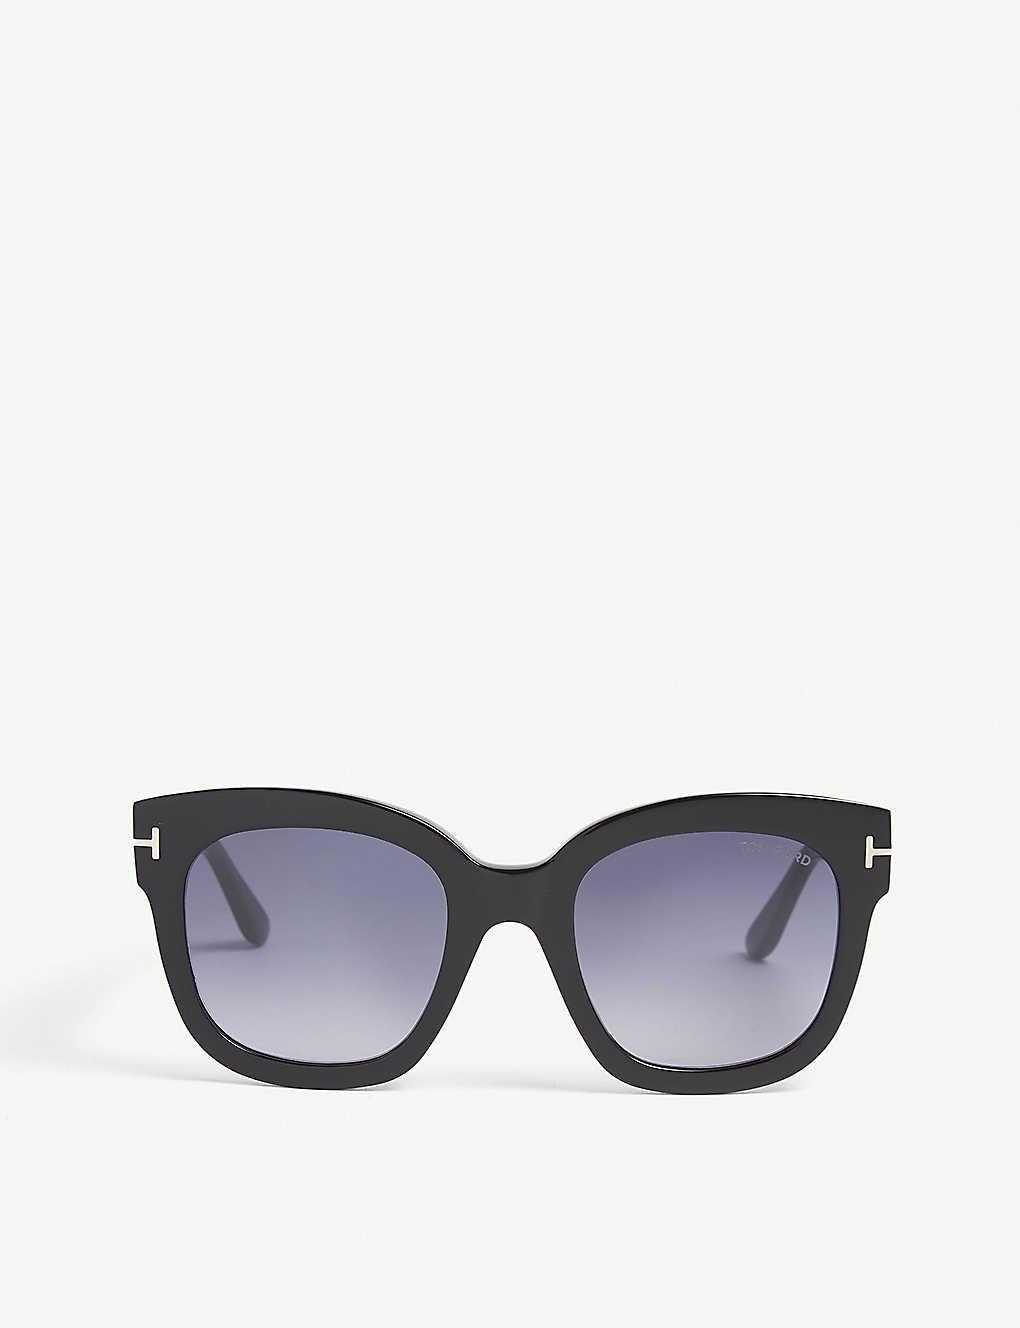 6160e11768ce5 TOM FORD - Beatrix square-frame sunglasses